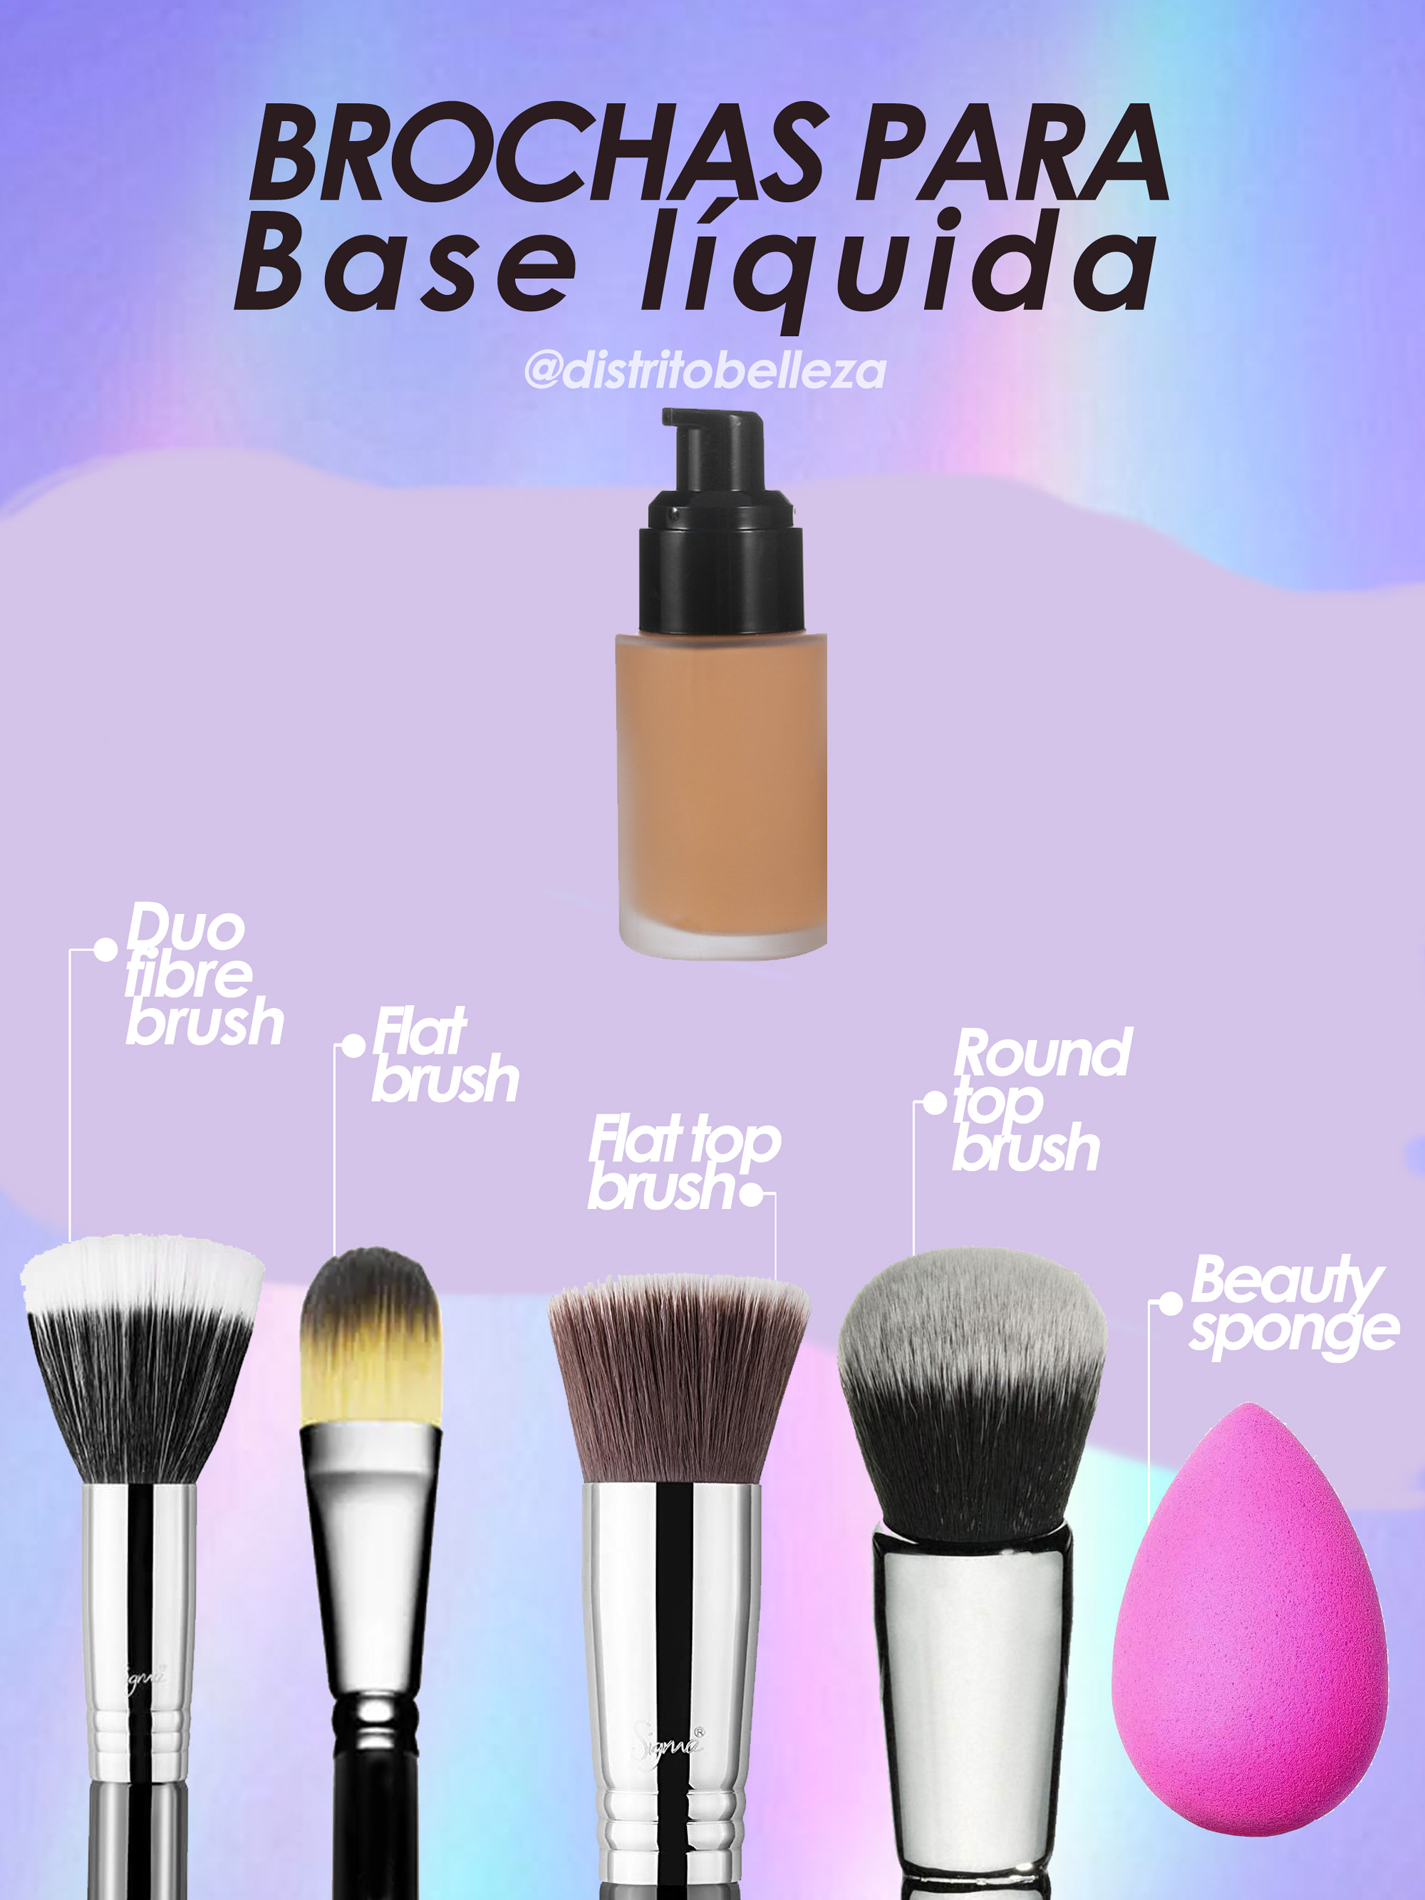 brochas de maquillaje para base maquillaje liquida distrito belleza